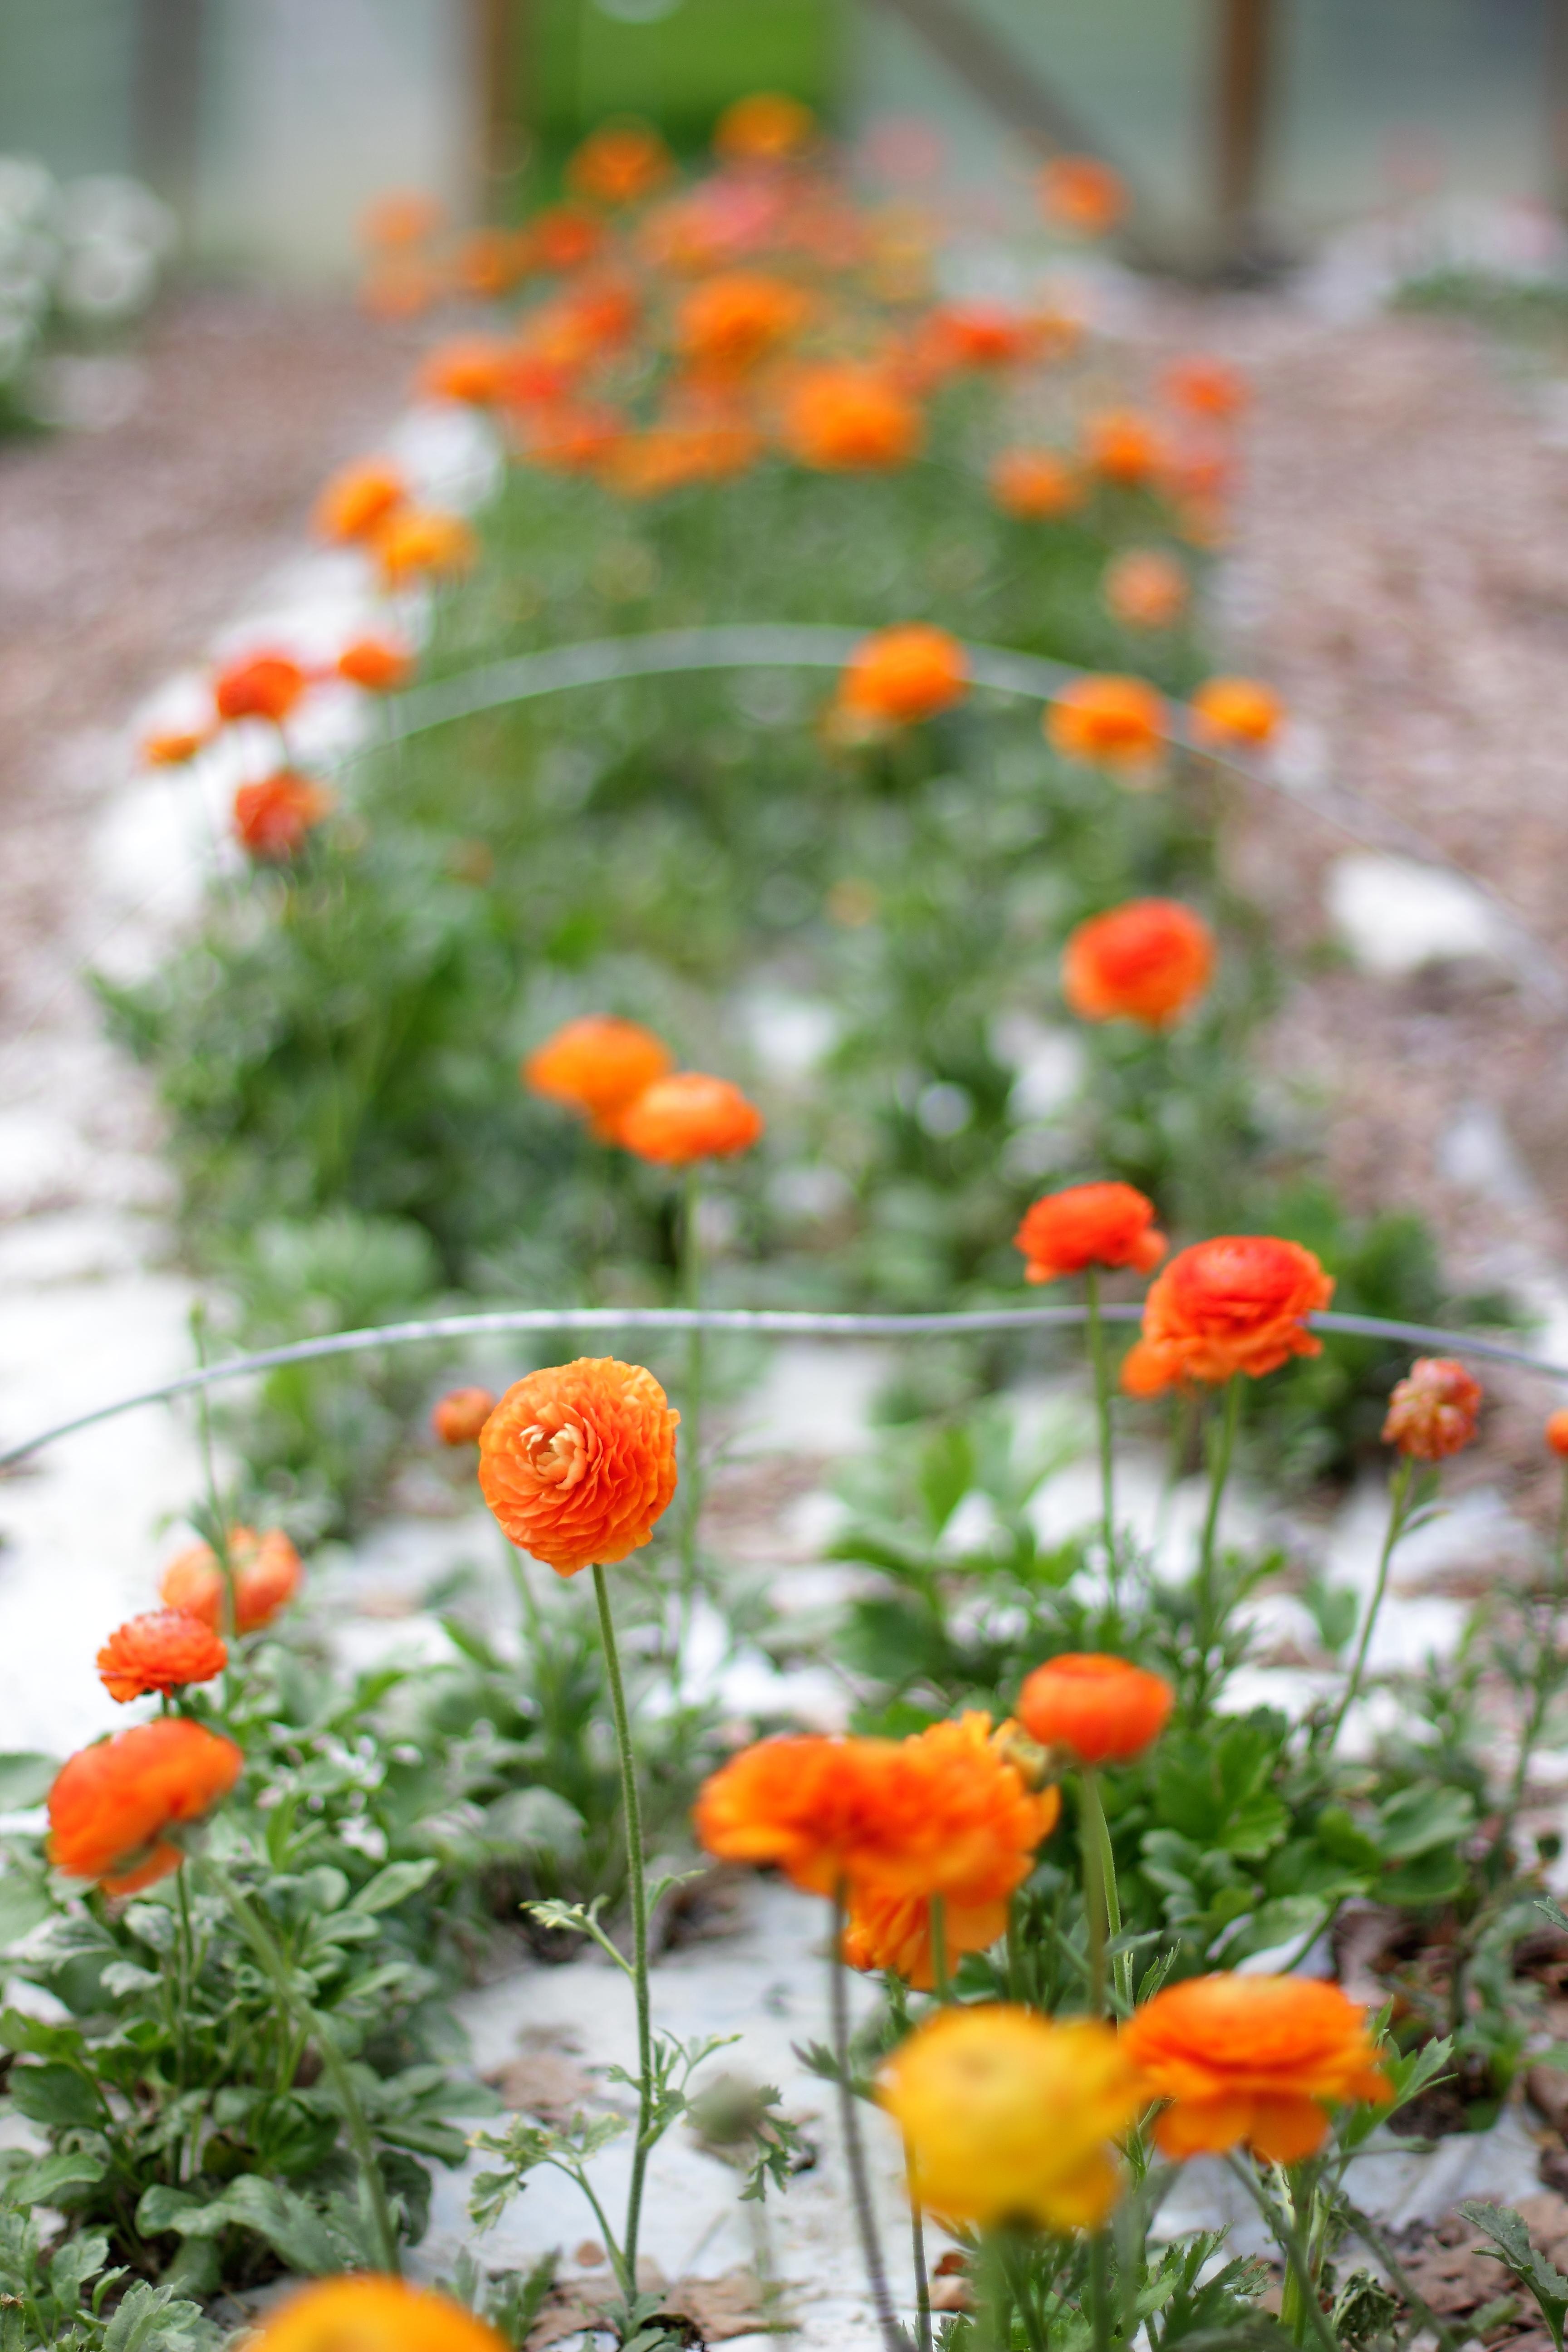 Ranunculus growing at Love 'n Fresh Flowers